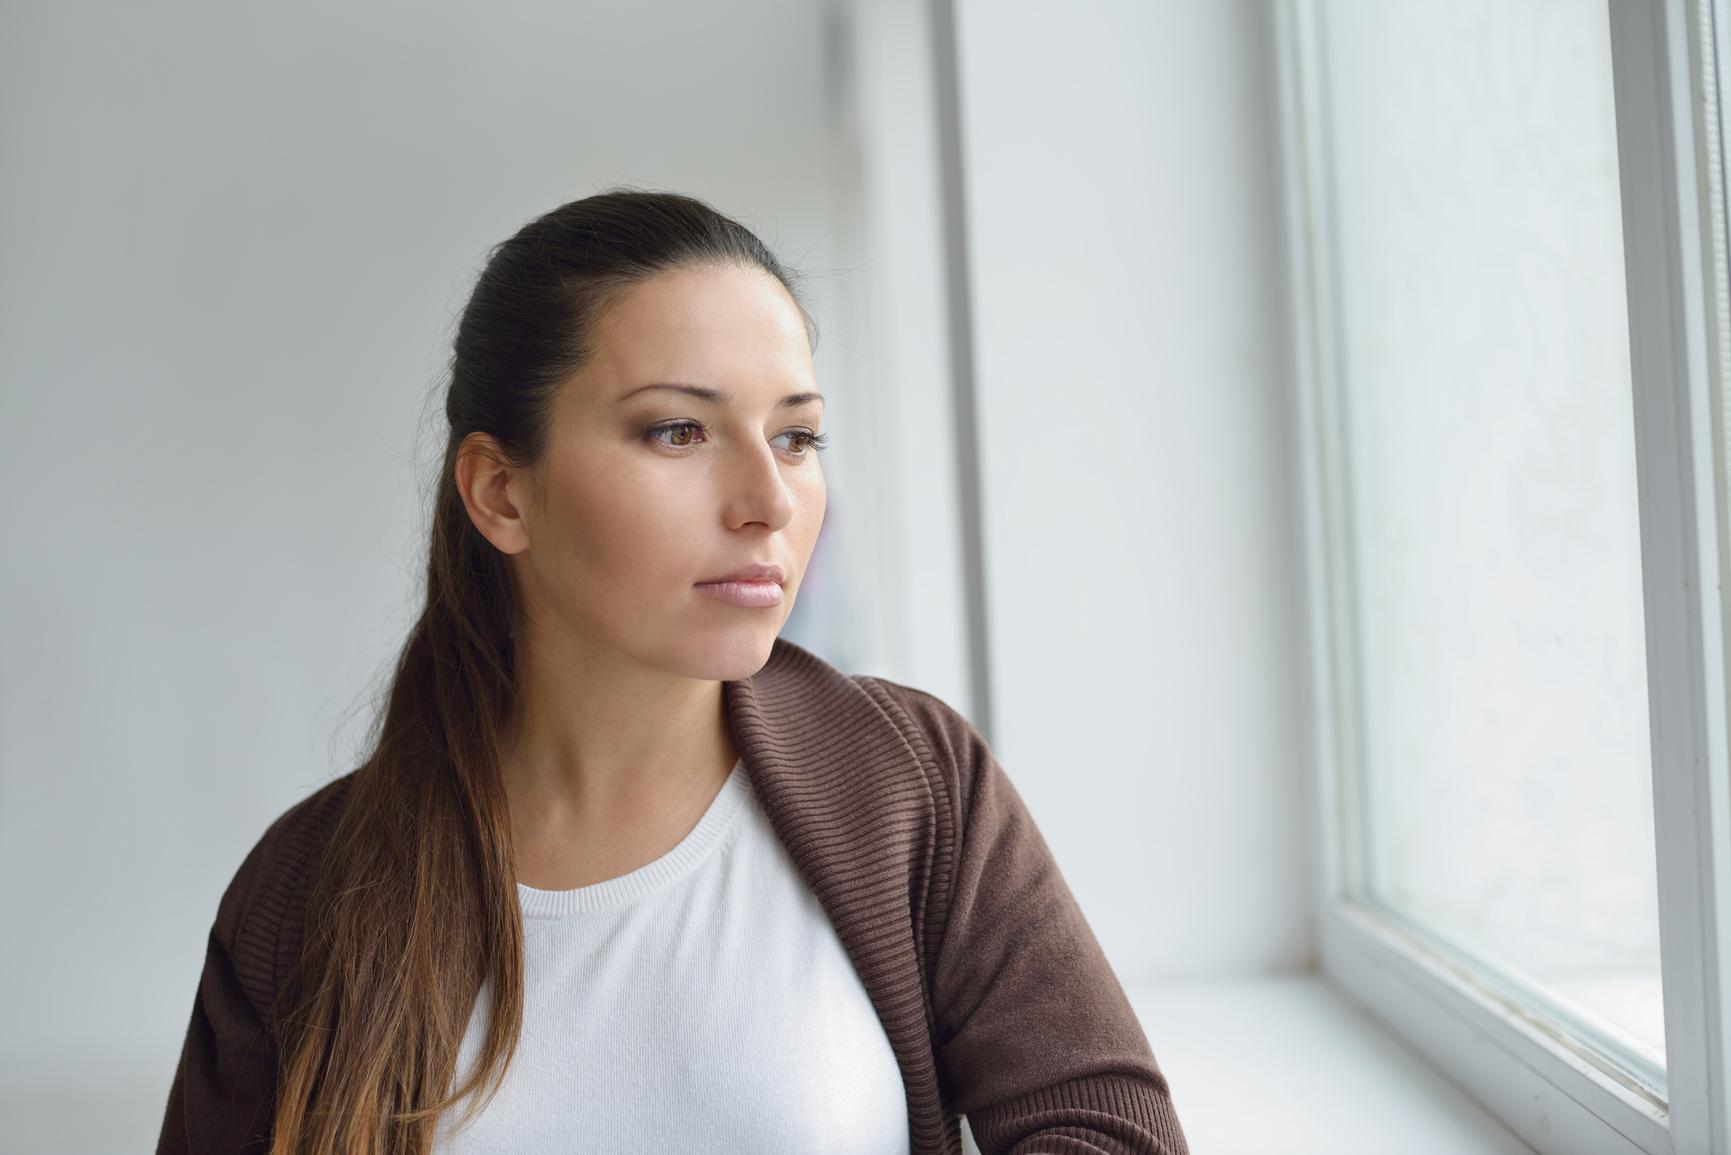 Проблема: НЕ ПОЛУЧАЕТСЯ ЗАБЕРЕМЕНЕТЬ — Болезни — Здоровье и красота — Статьи — Решалка проблем